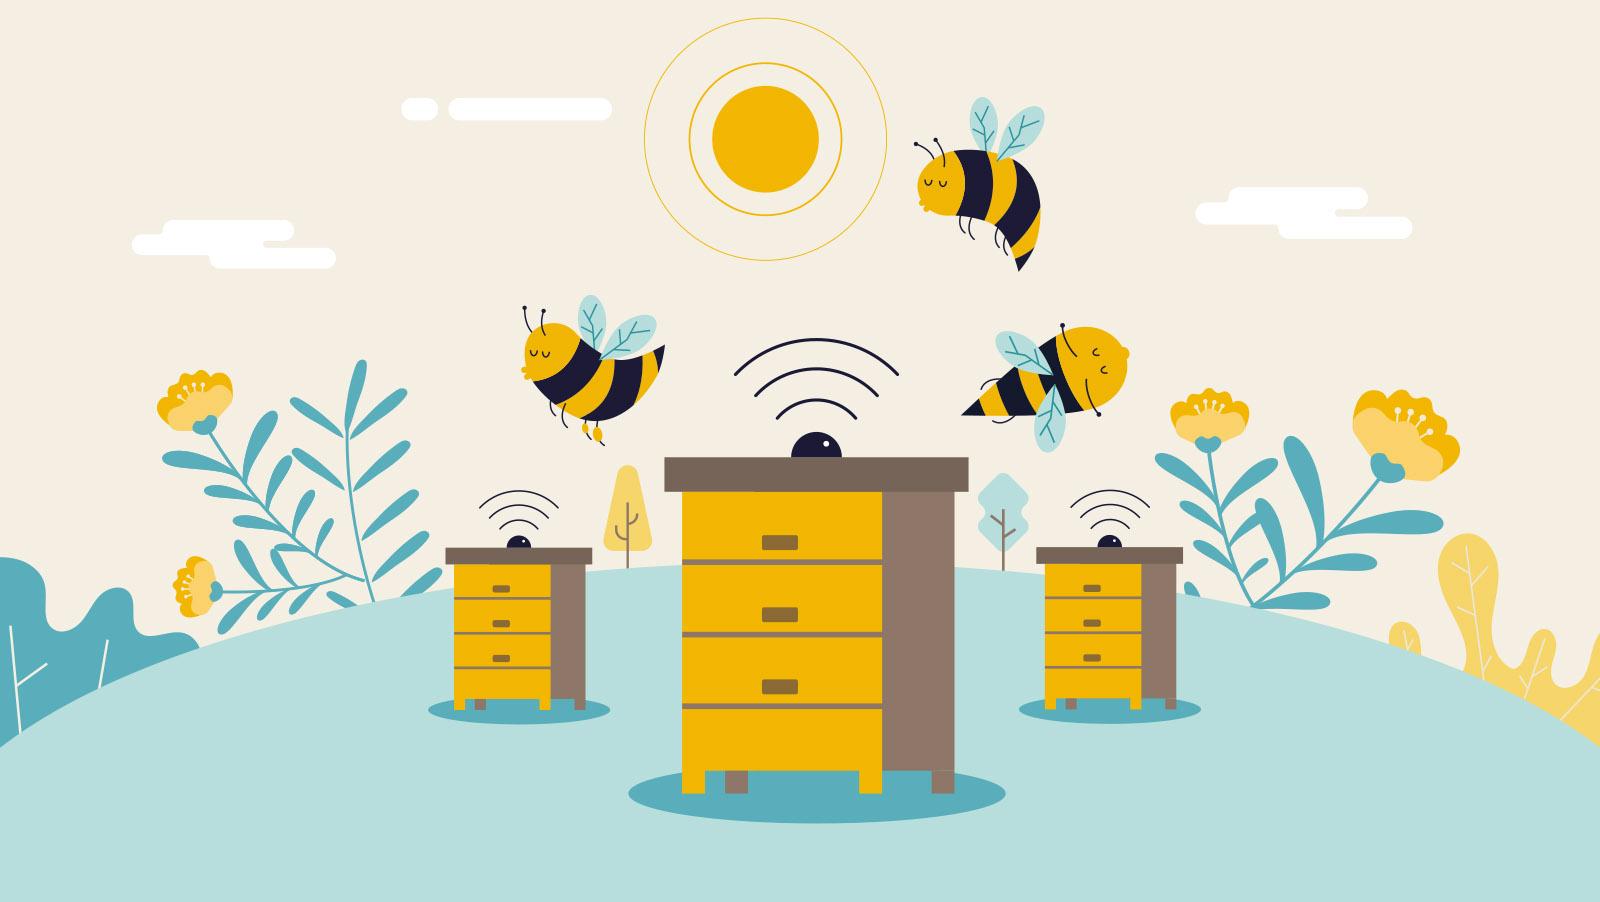 Bee2keeper video animado, ilustración vecorial, colmenas de abejas que producen miel, bee2keeper video animado